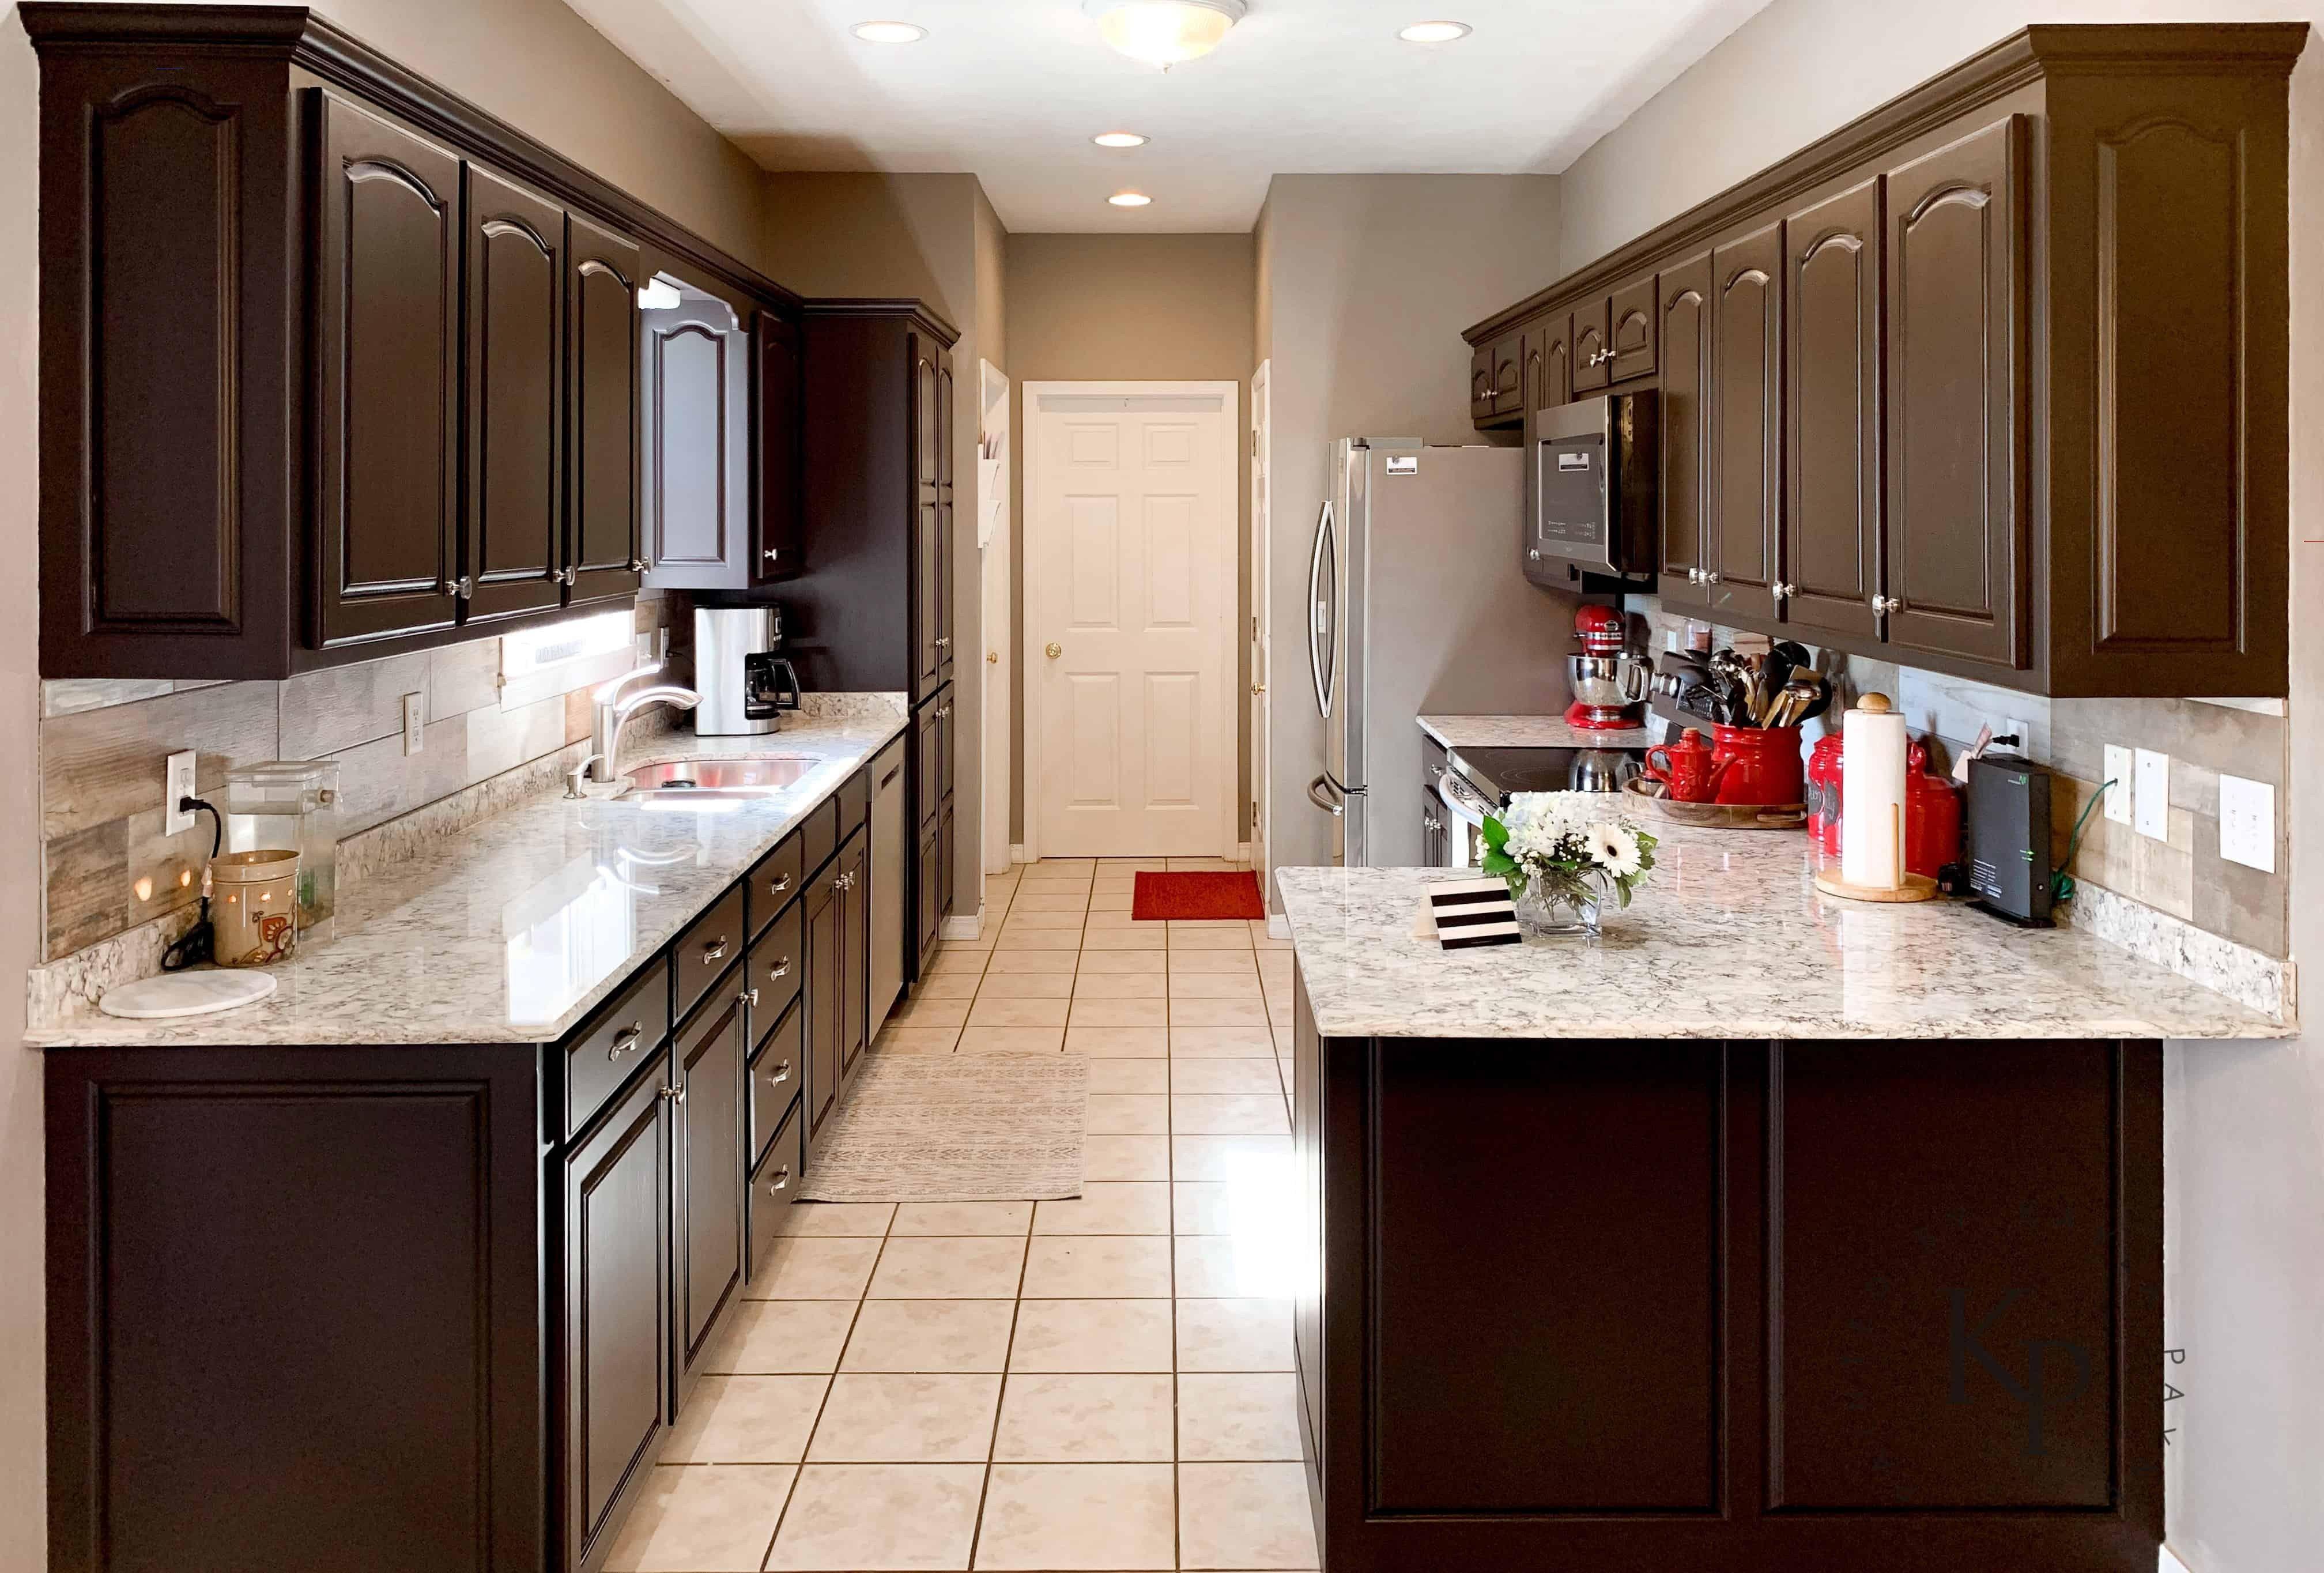 It S True Not Everyone Wants White Kitchen Cabinets Darkkitchencabinets Dark Kit In 2020 Espresso Kitchen Cabinets White Kitchen Cabinets Kitchen Cabinet Design